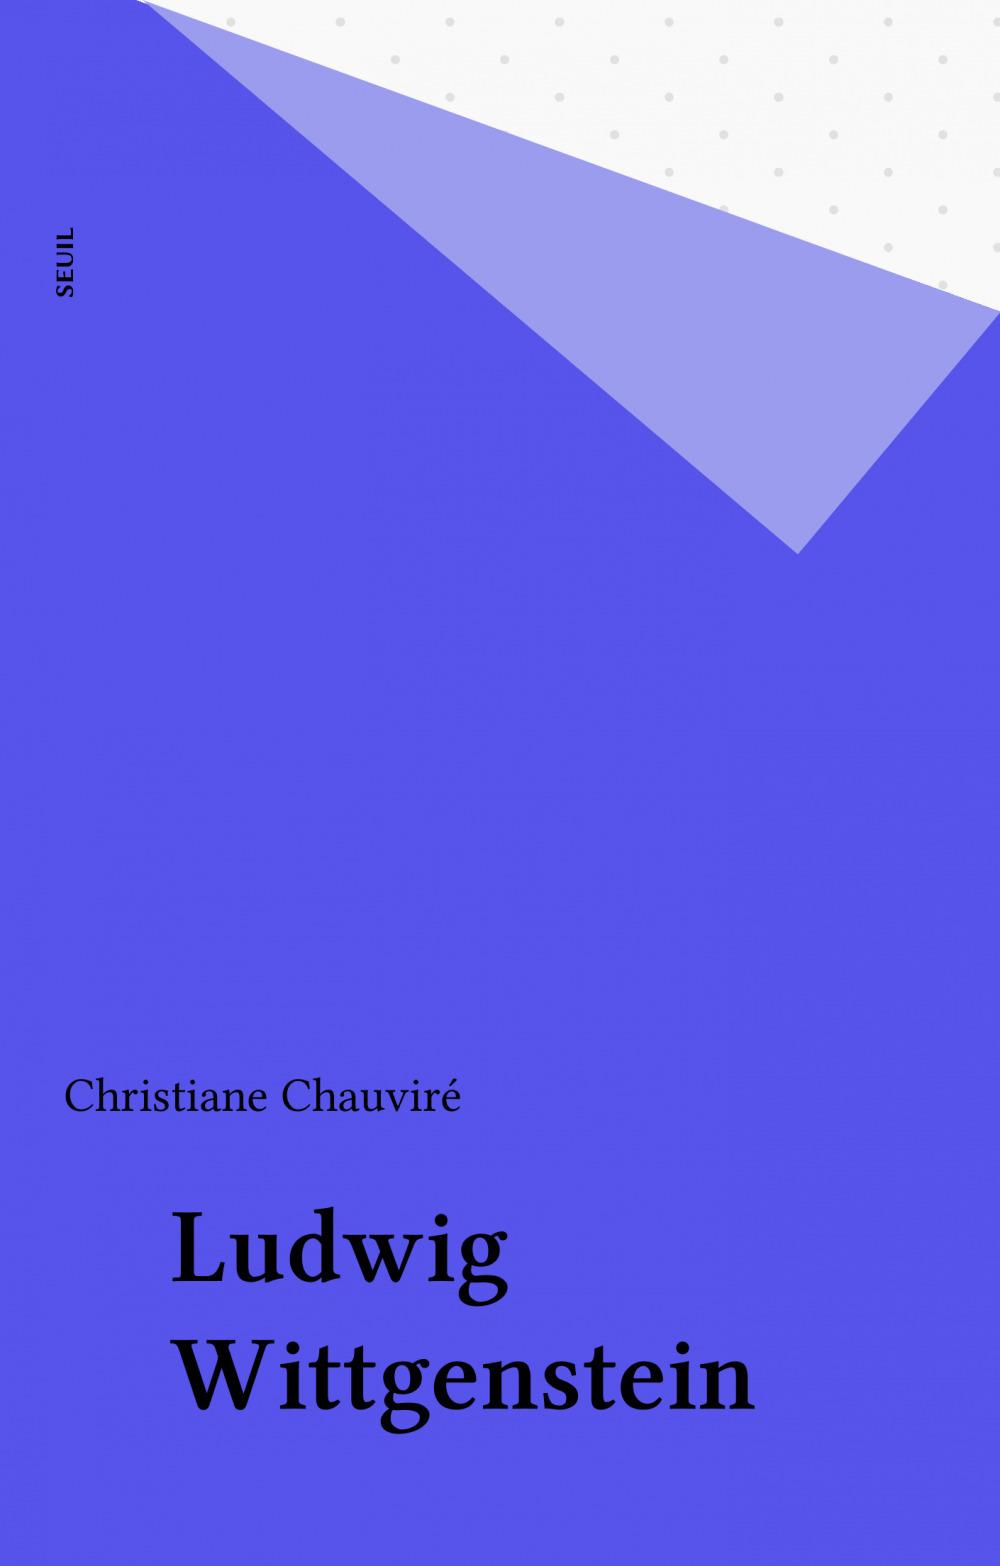 Christiane Chauviré Ludwig Wittgenstein